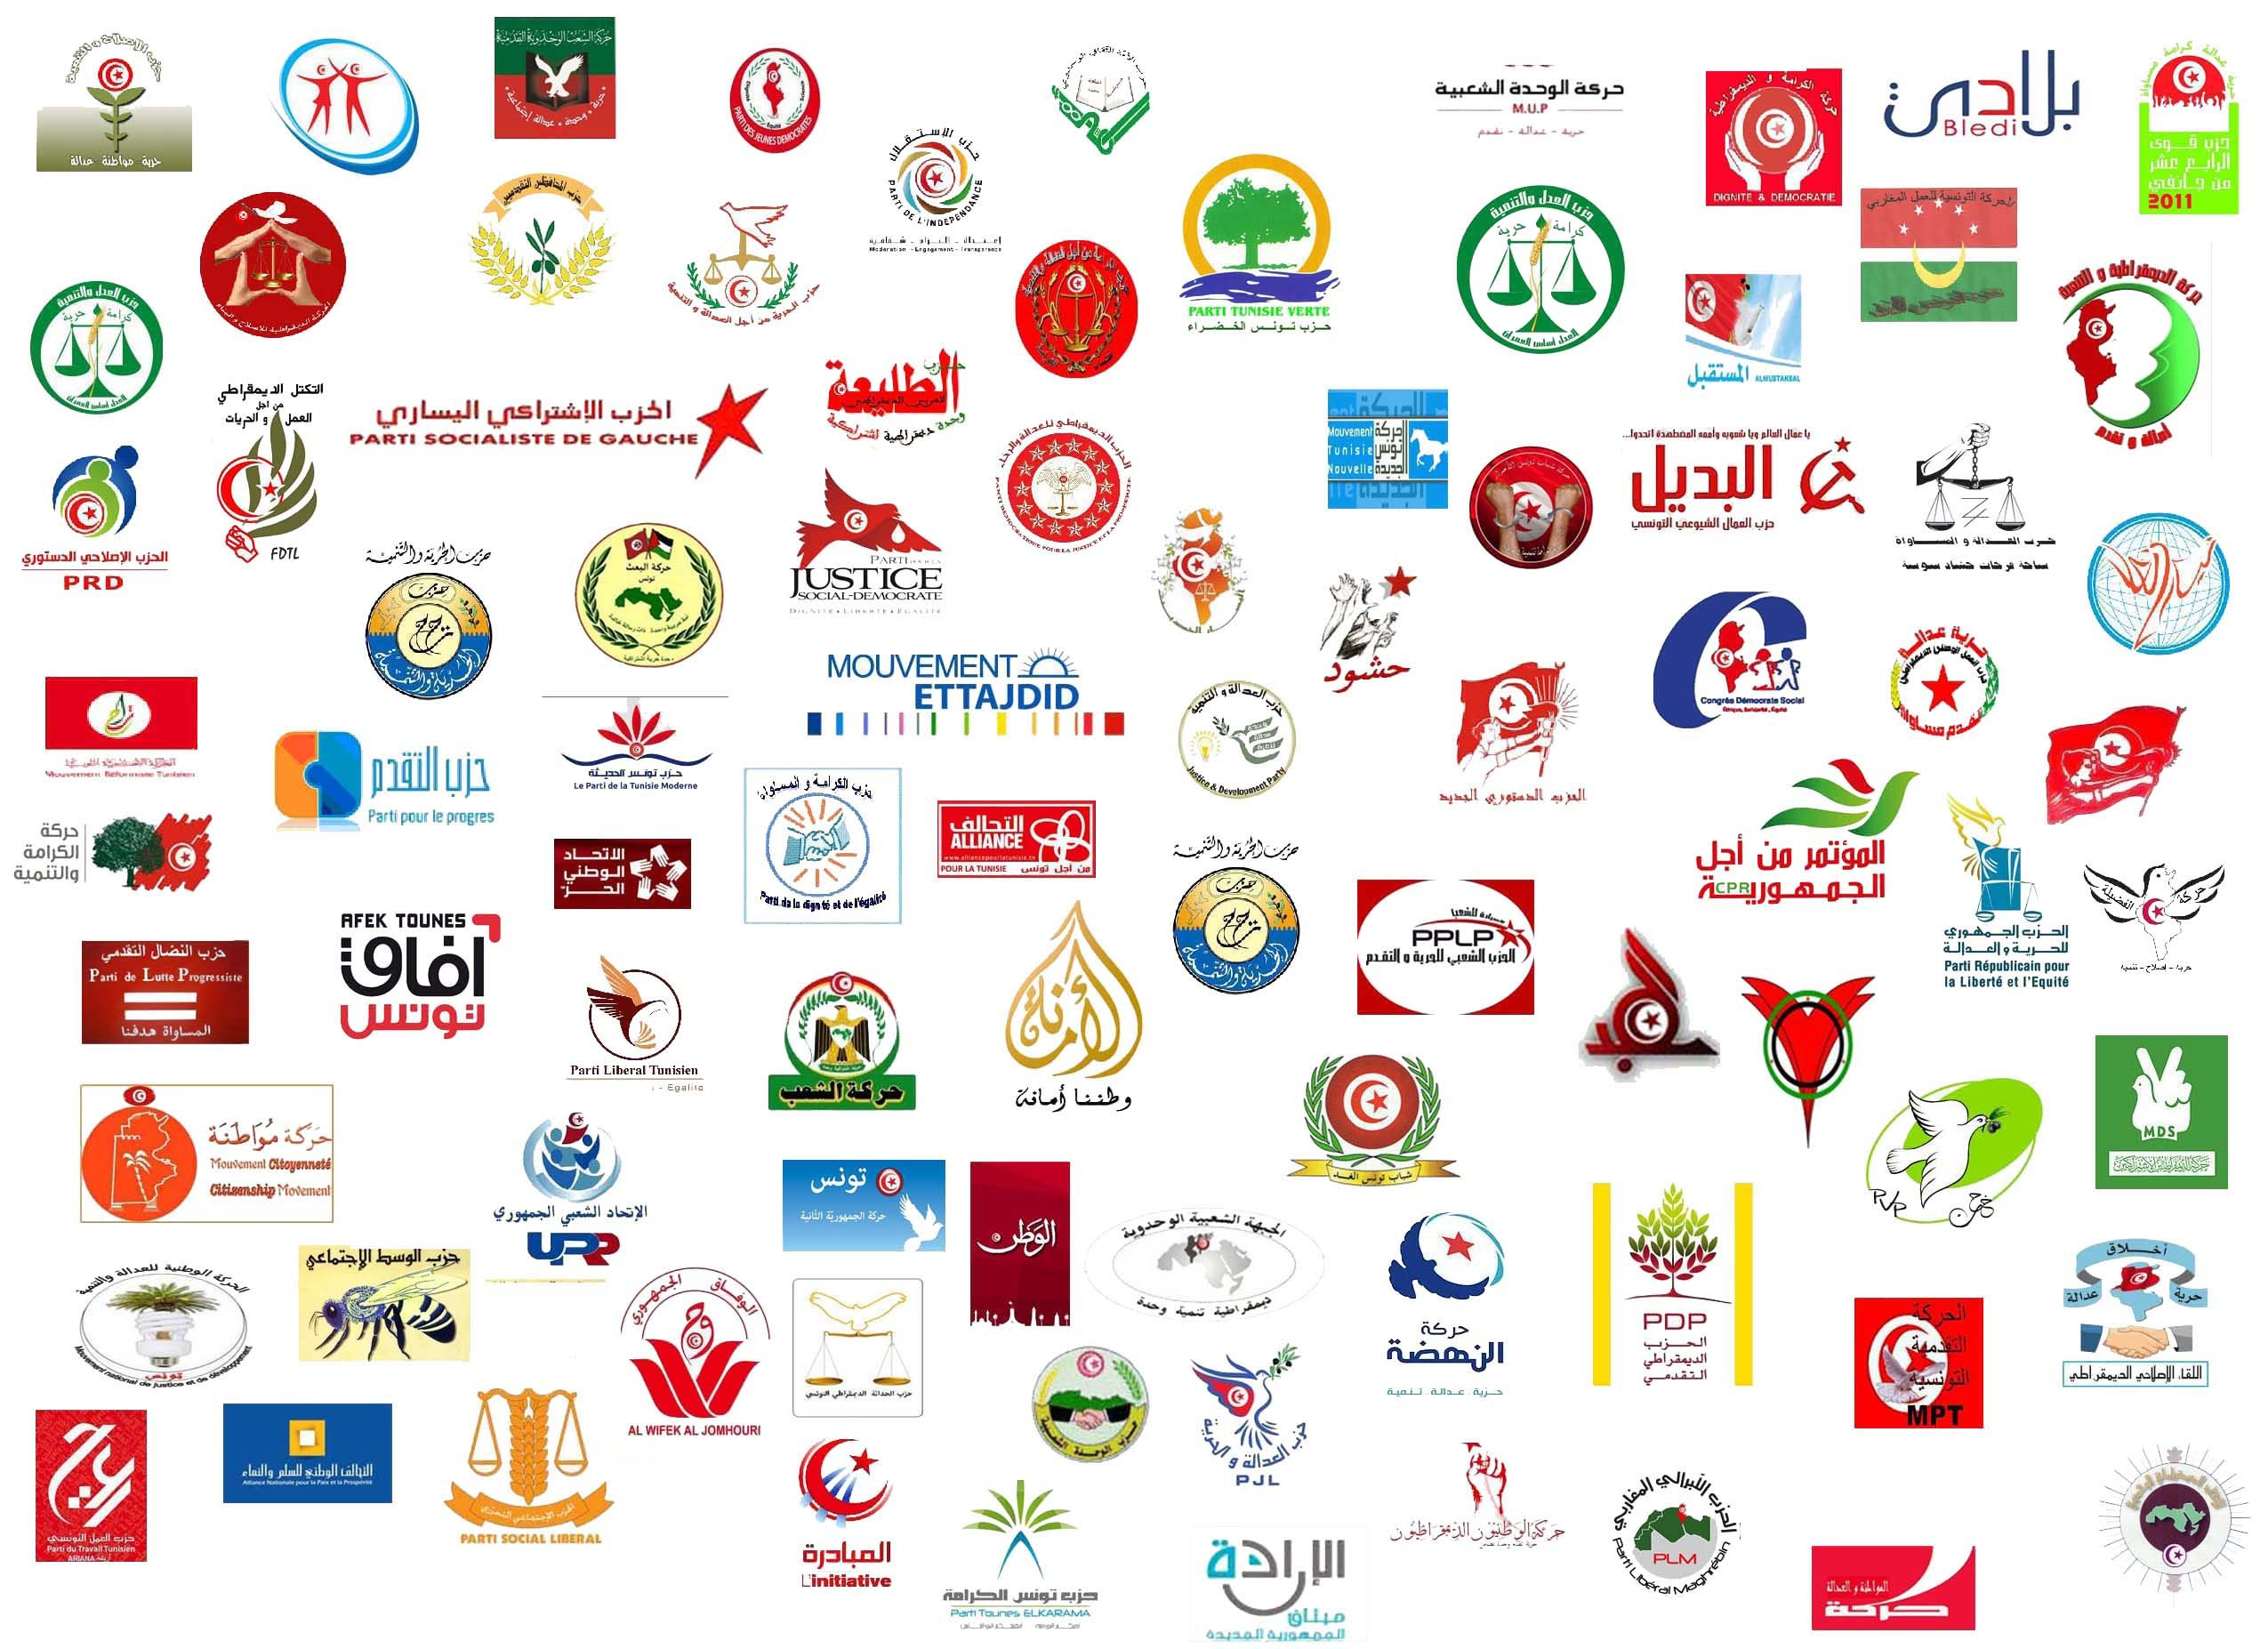 الأحزاب السياسية في تونسالأحزاب السياسية في تونس